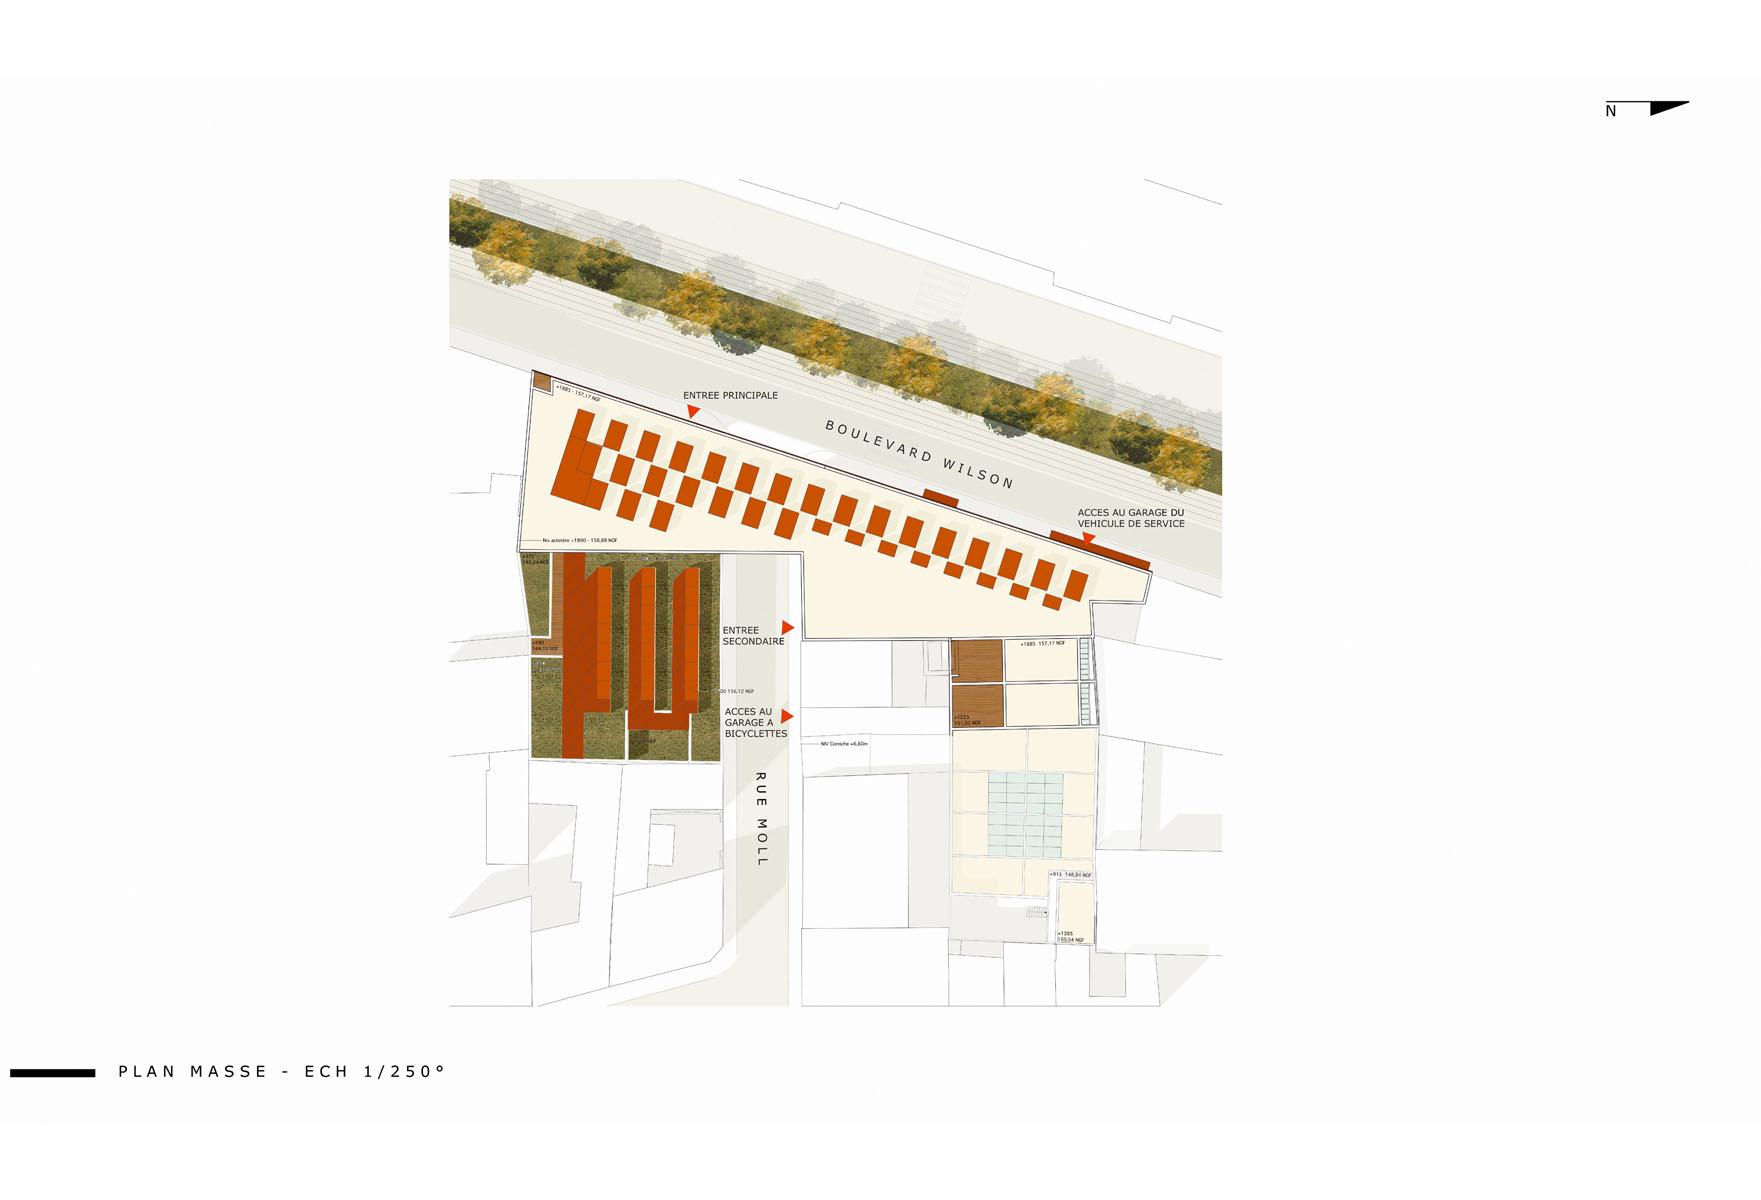 Ecole d architecture emmanuelle et laurent beaudouin for K architecture strasbourg